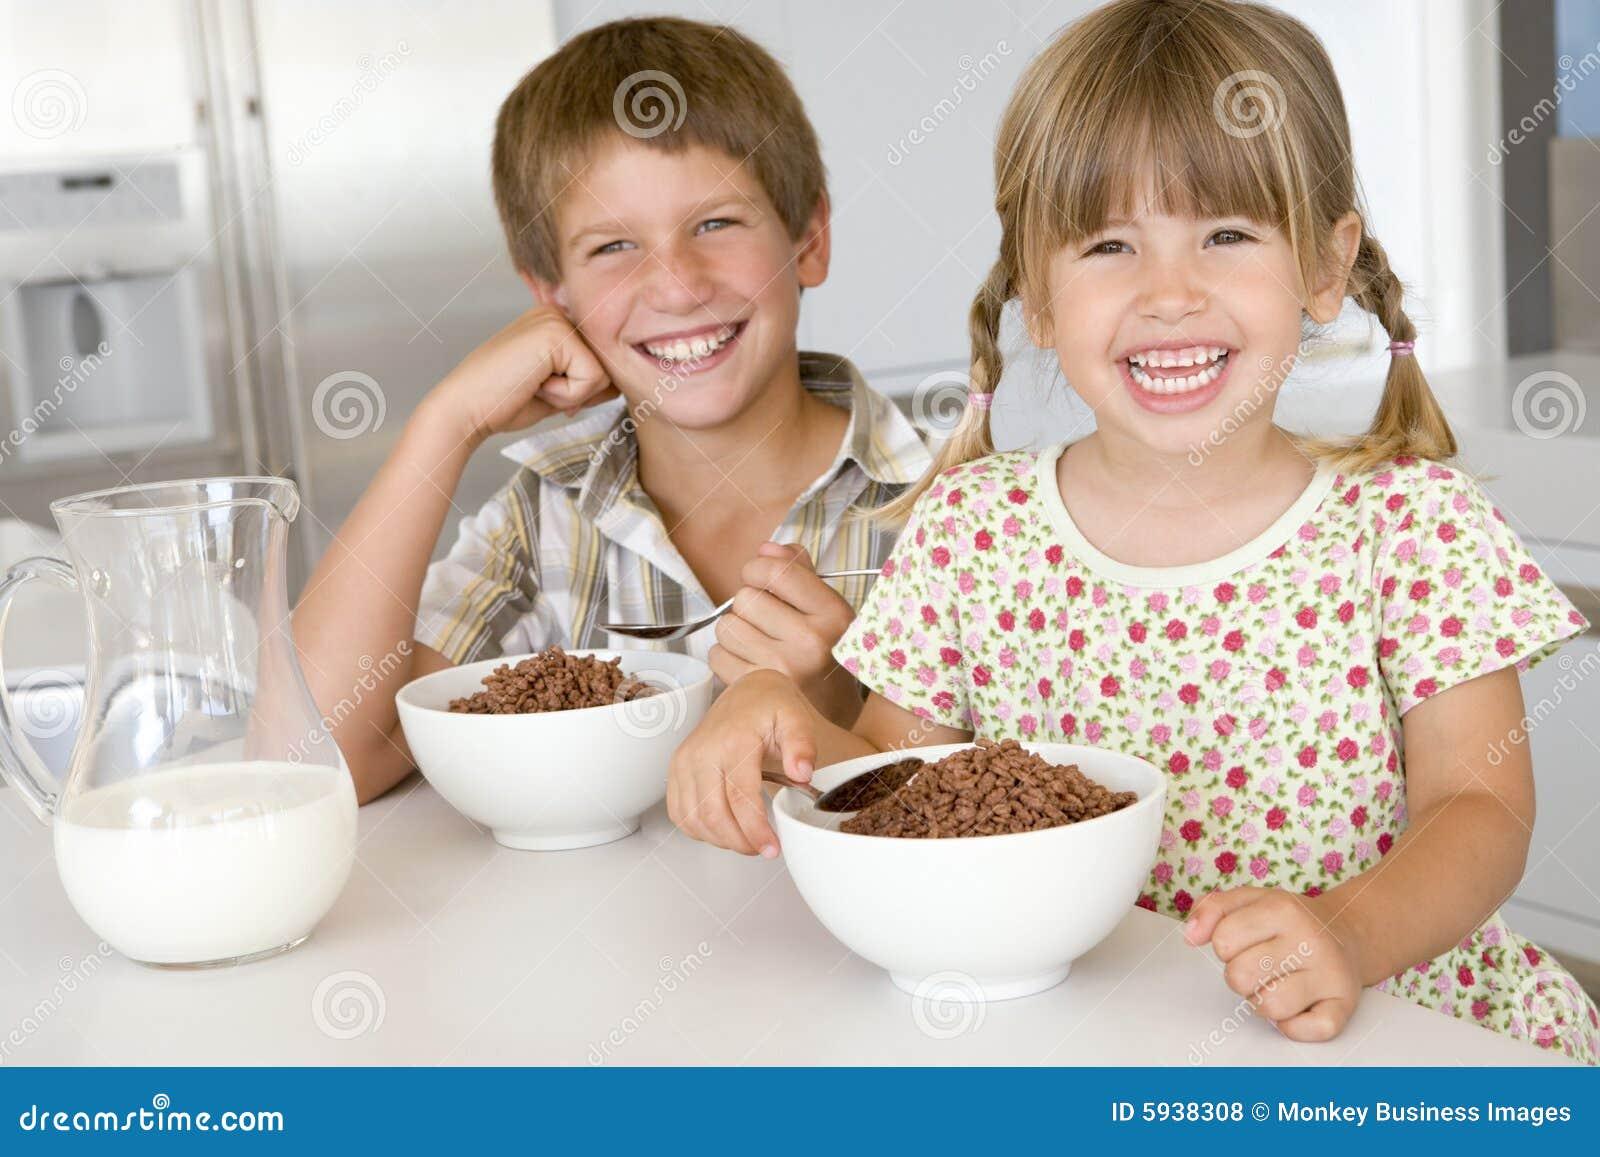 Deux enfants en bas âge dans la cuisine mangeant de la céréale